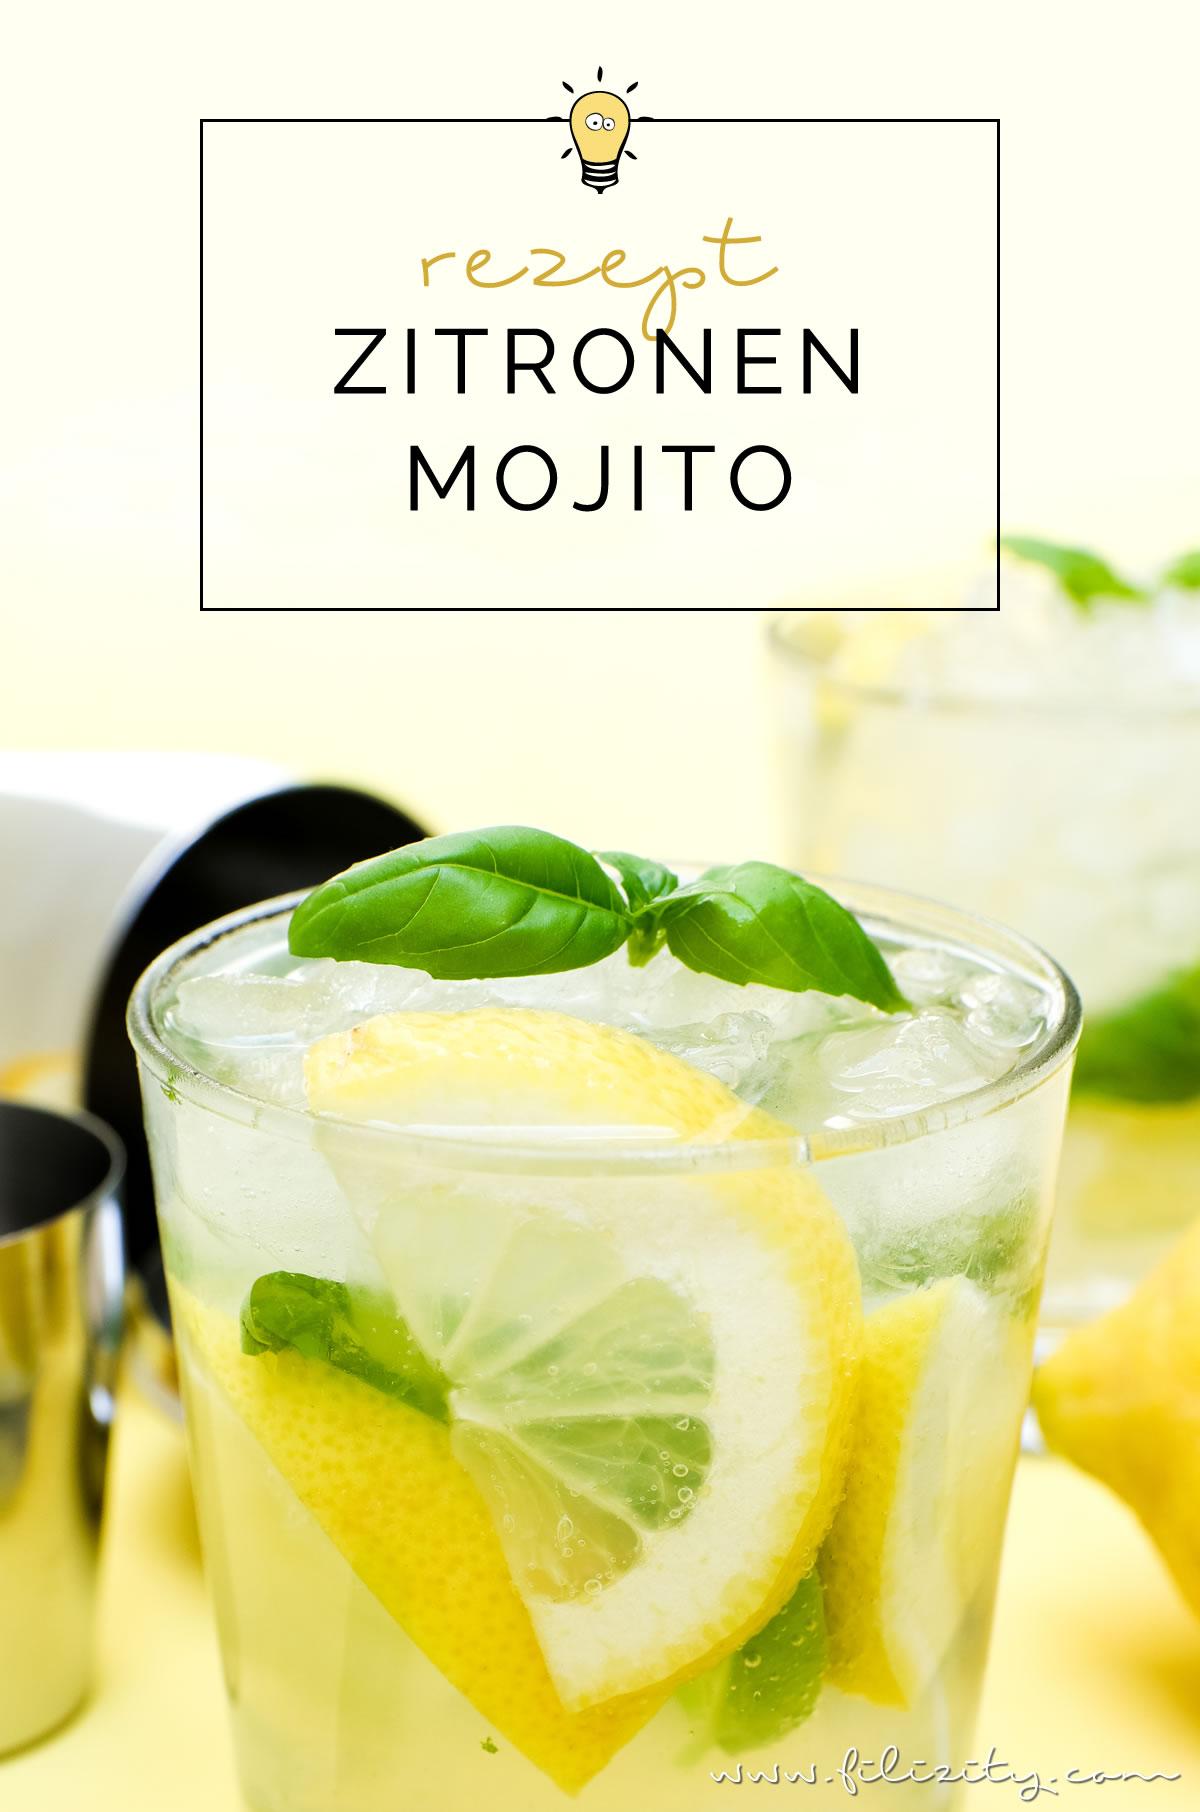 rezept f r zitronen mojito der cocktail klassiker mal anders food blog aus. Black Bedroom Furniture Sets. Home Design Ideas